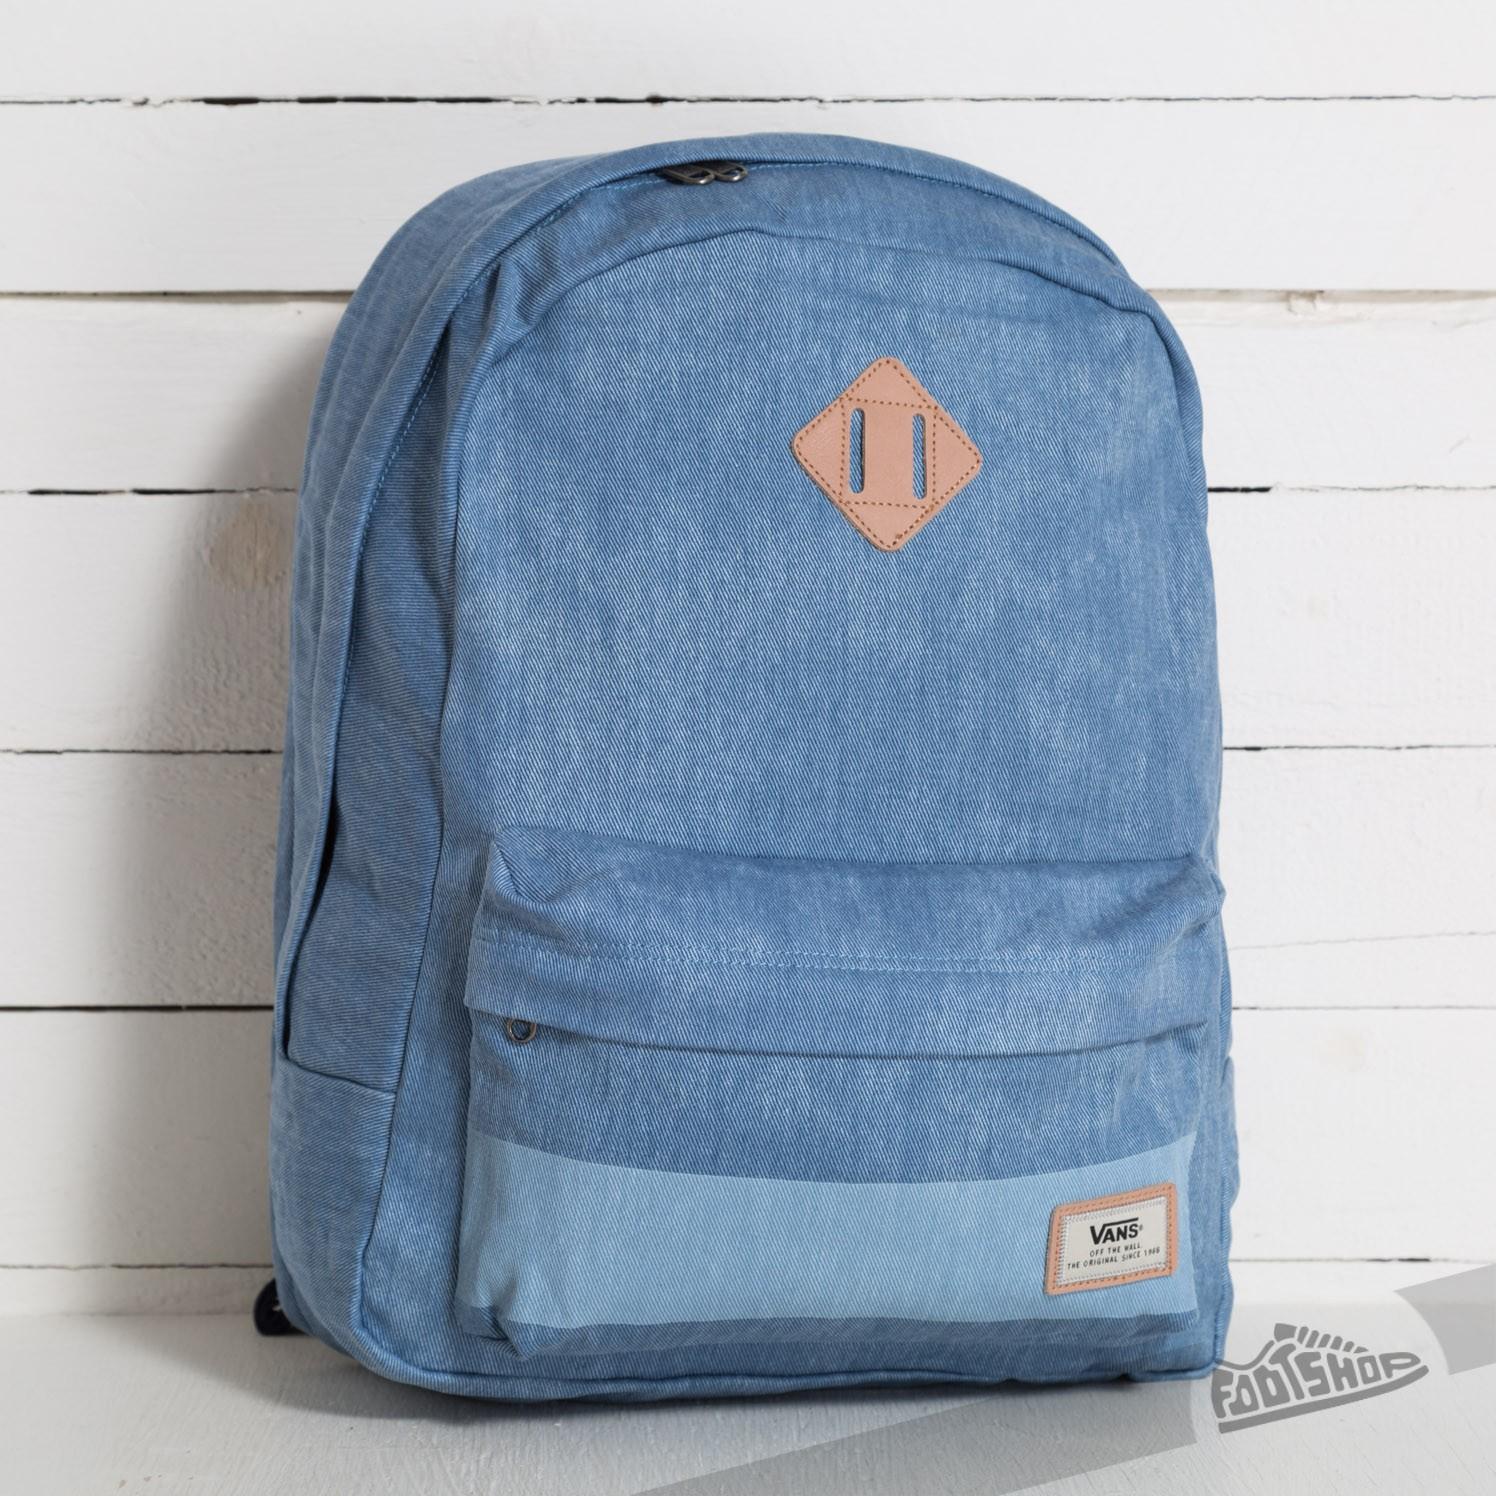 f74fd3cb6ba Vans Old Skool Plus Backpack Bleached Indigo